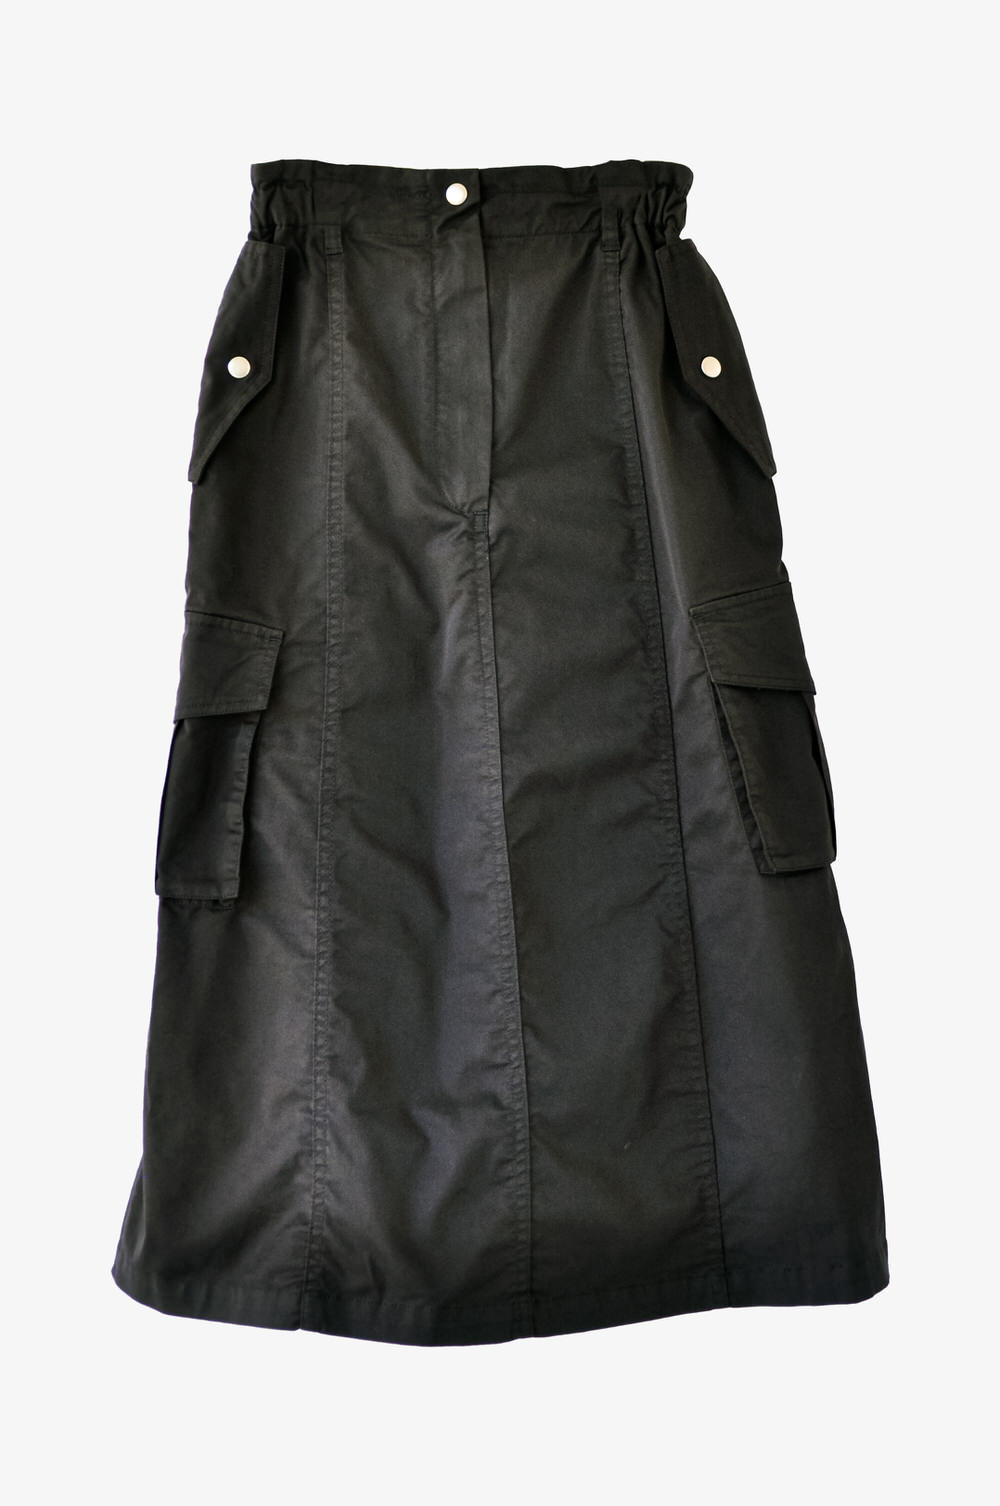 ブラック / Size S